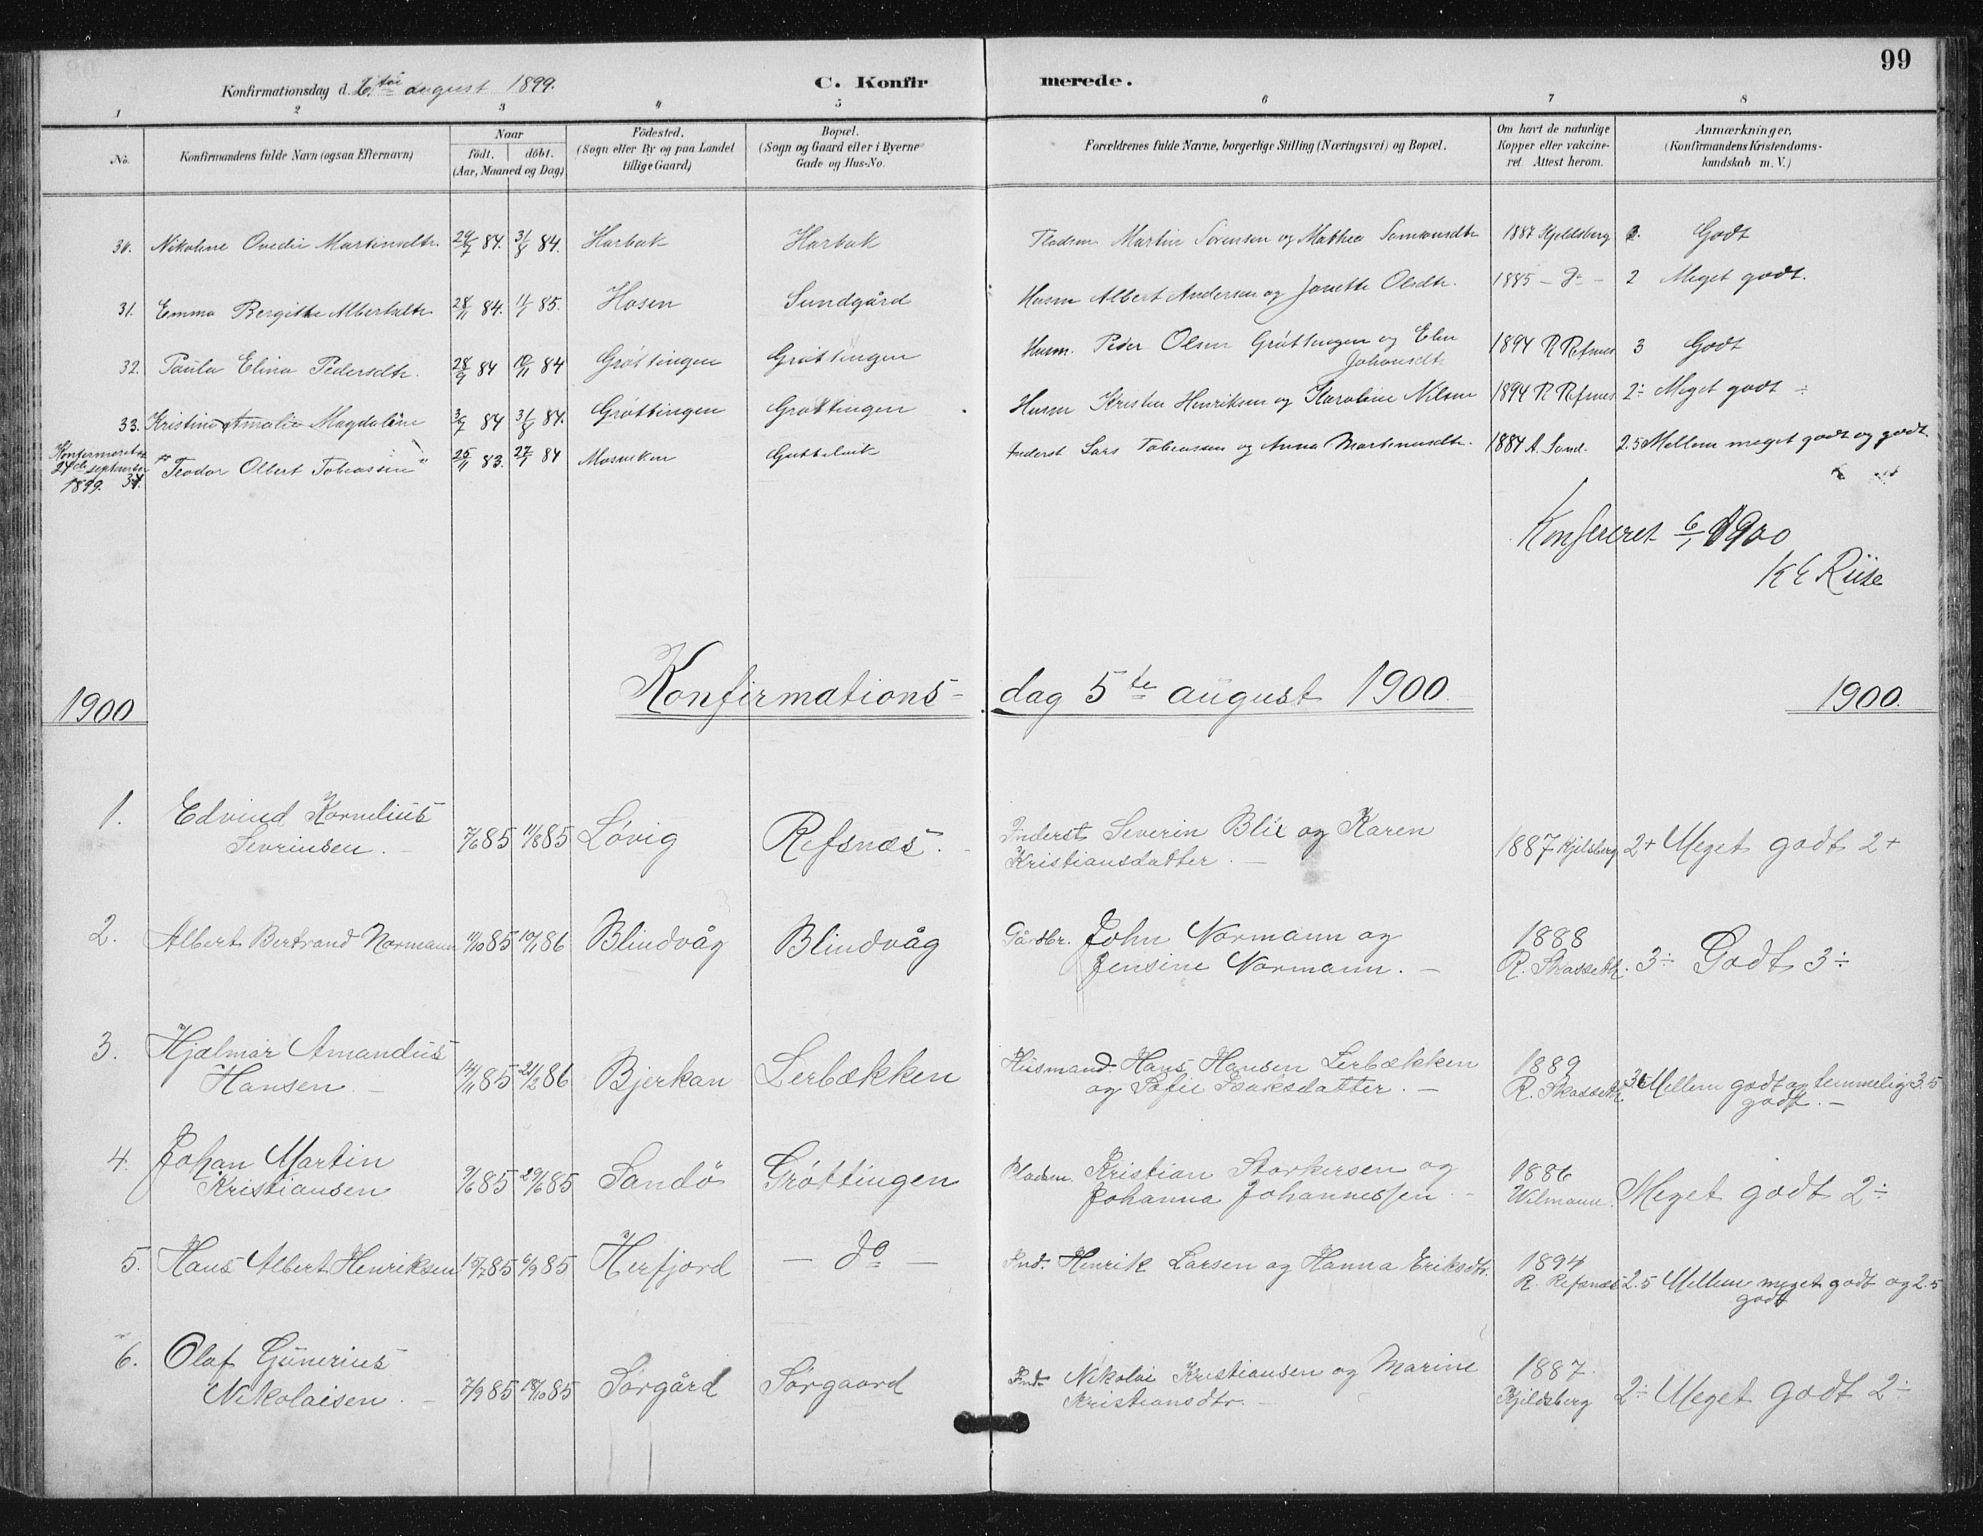 SAT, Ministerialprotokoller, klokkerbøker og fødselsregistre - Sør-Trøndelag, 656/L0698: Klokkerbok nr. 656C04, 1890-1904, s. 99